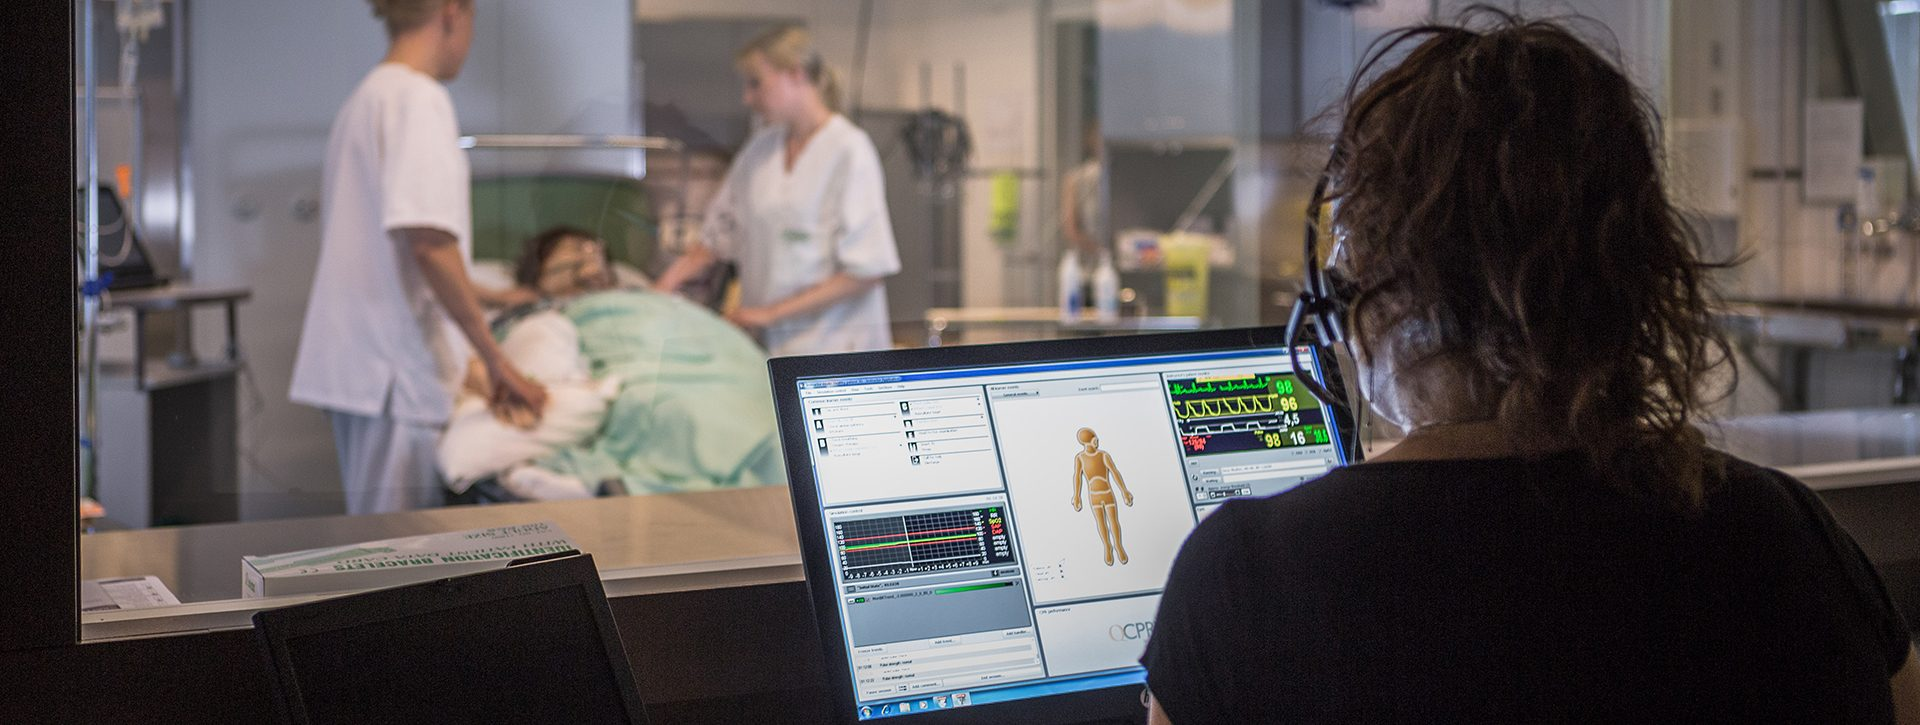 Taustalla kaksi sairaanhoitaja opiskelijaa harjoittelevat hoitotilannetta simuaatiotilassa. Etualalla opettaja valvoo tilannetta ikkunan läpi ja tarkkailee harjoitusnukesta saatavia tietoja tietokoneelta.